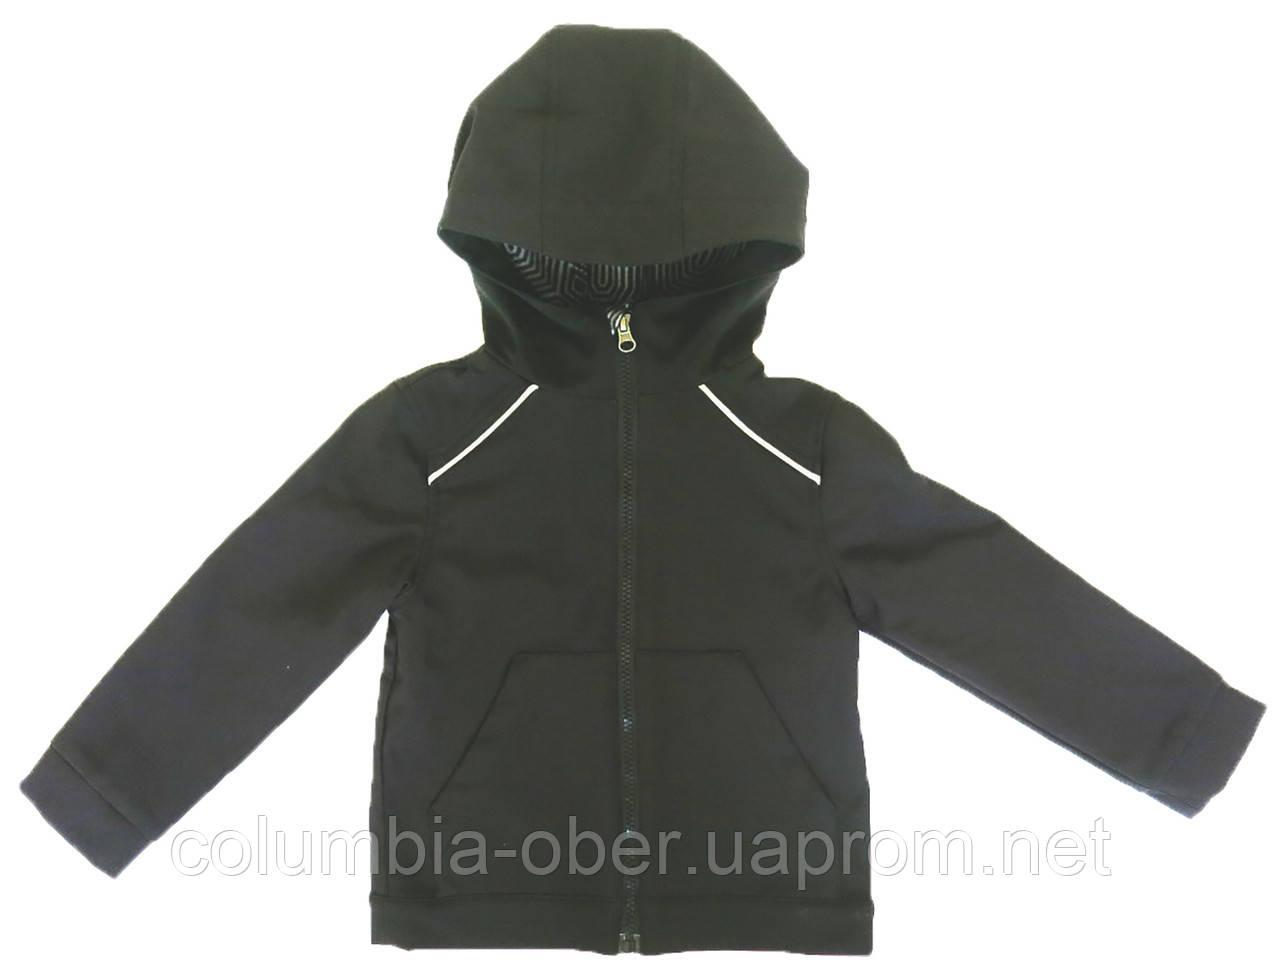 Демисезонная куртка для мальчика NANO F17 M 1400 Black. Размеры 104 - 152.